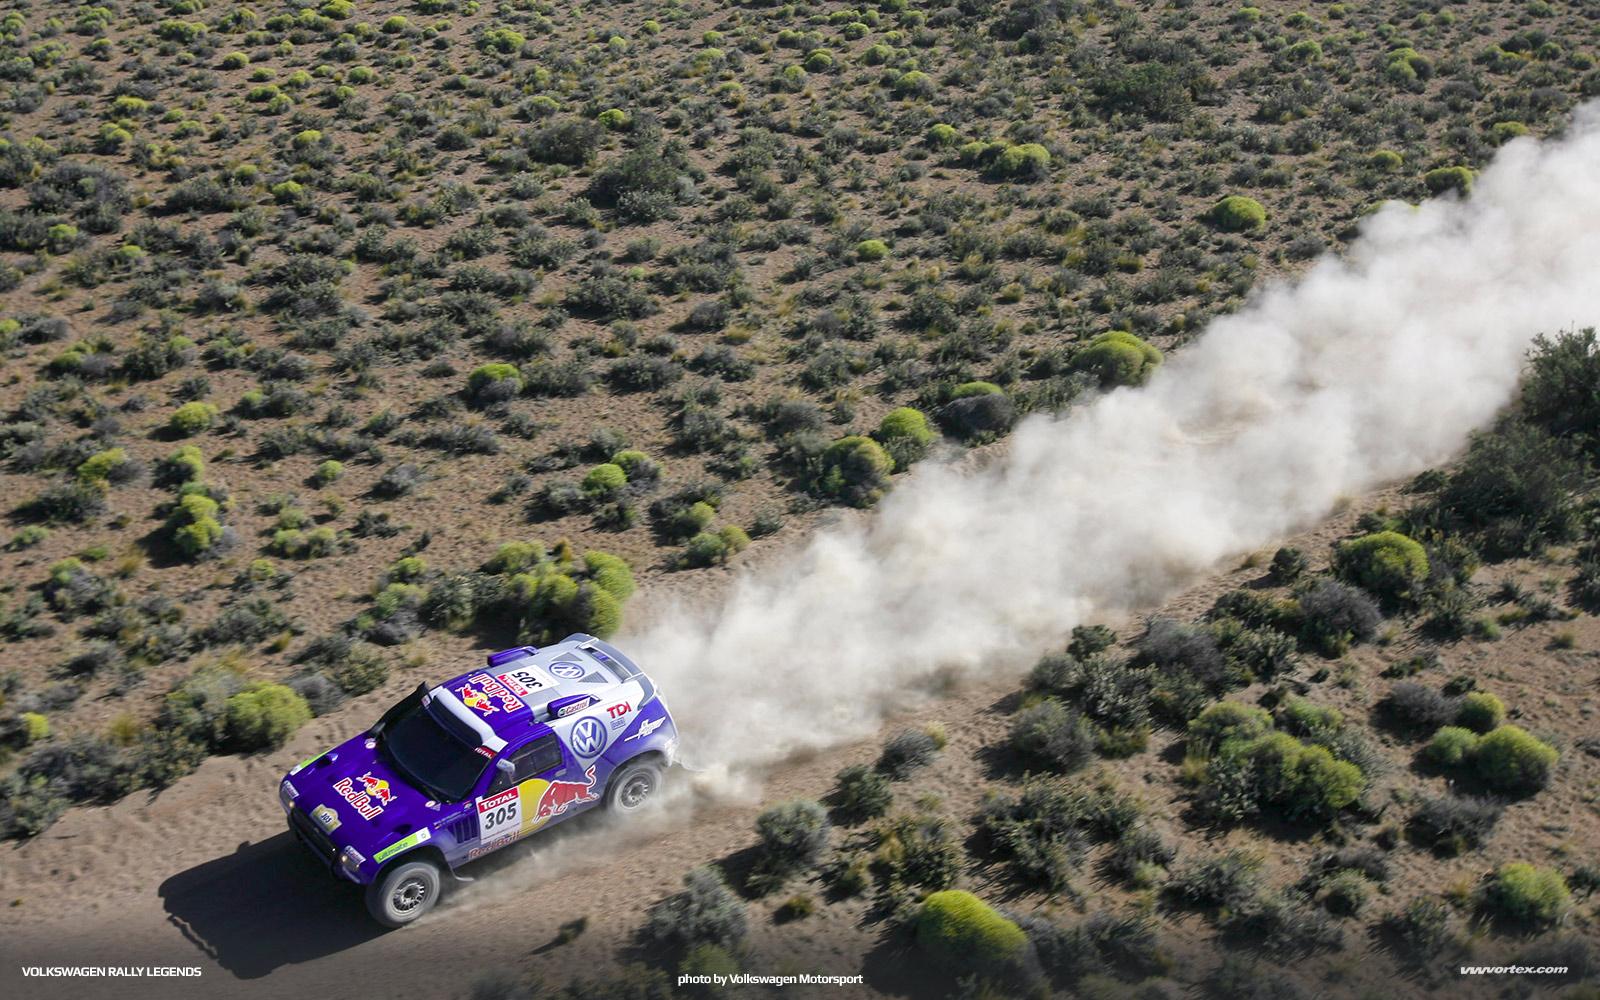 volkswagen-rally-legends-366